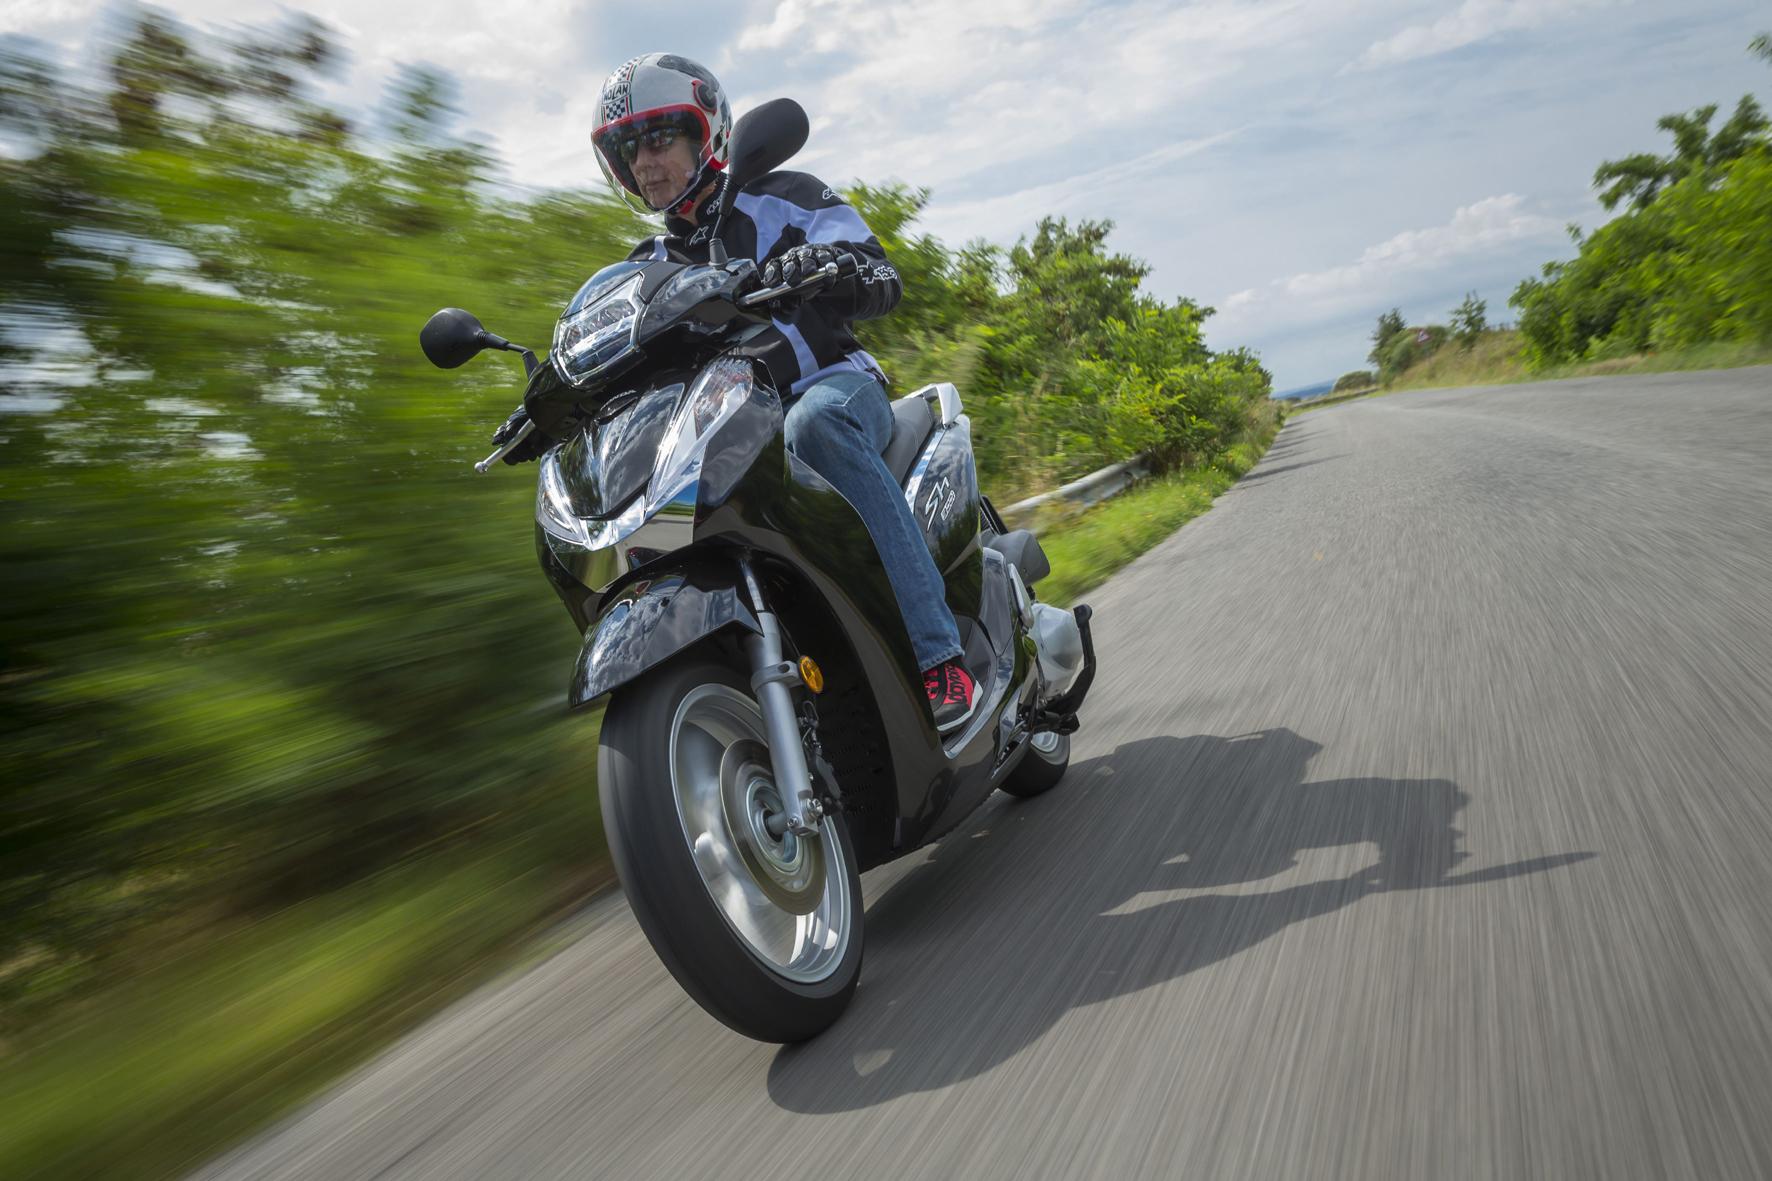 mid Rom - Der überarbeitete Roller Honda SH300i tritt jetzt mit einem neuem Rahmen, überarbeitetem Triebwerk sowie verbesserter Lichttechnik an.